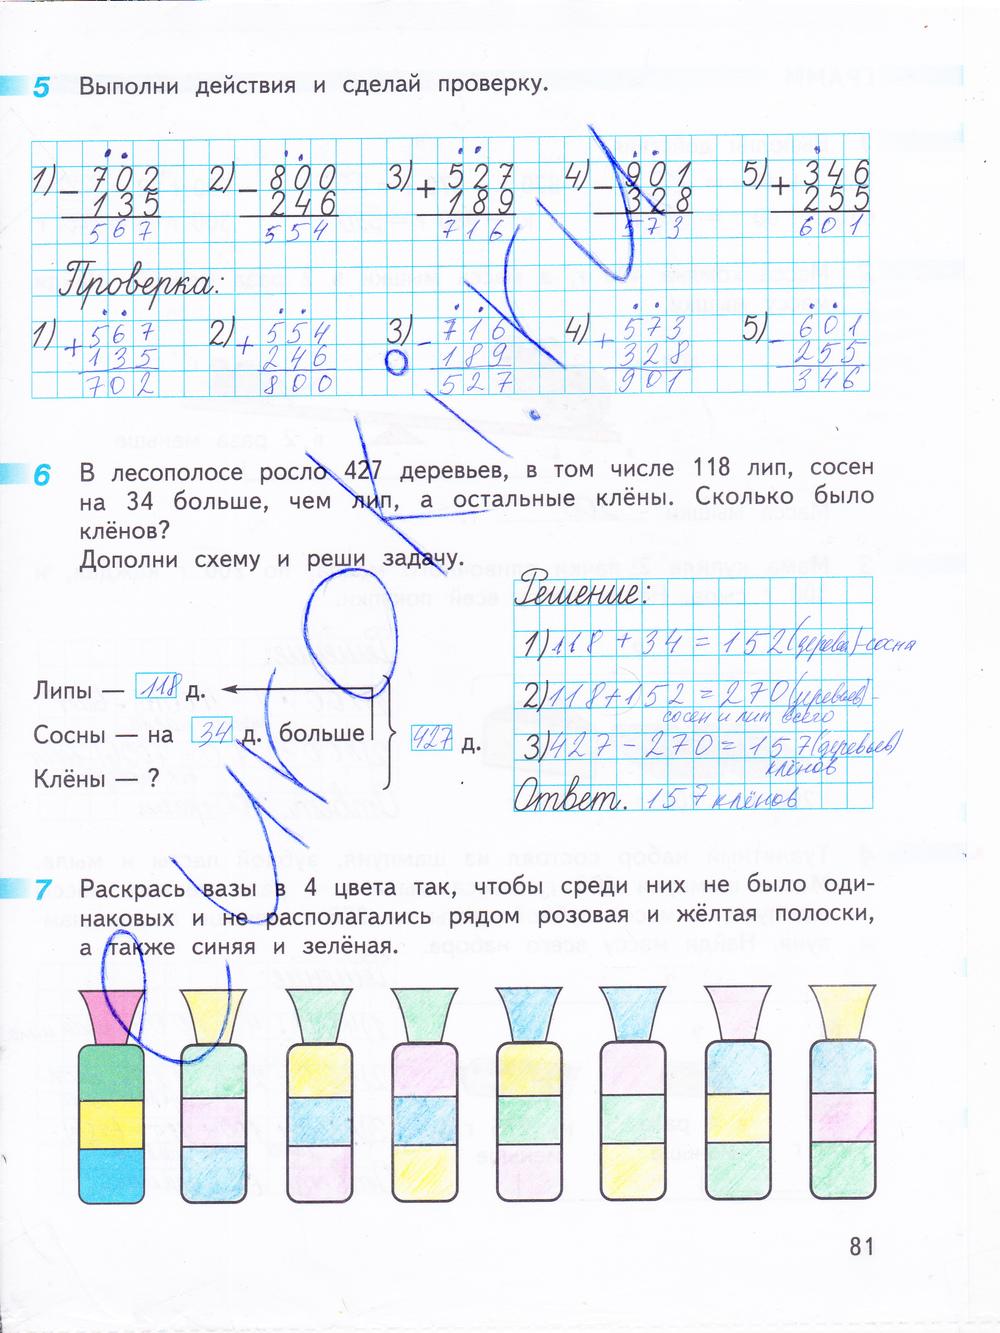 ГДЗ по математике 3 класс рабочая тетрадь Дорофеев, Миракова Часть 1, 2. Задание: стр. 81